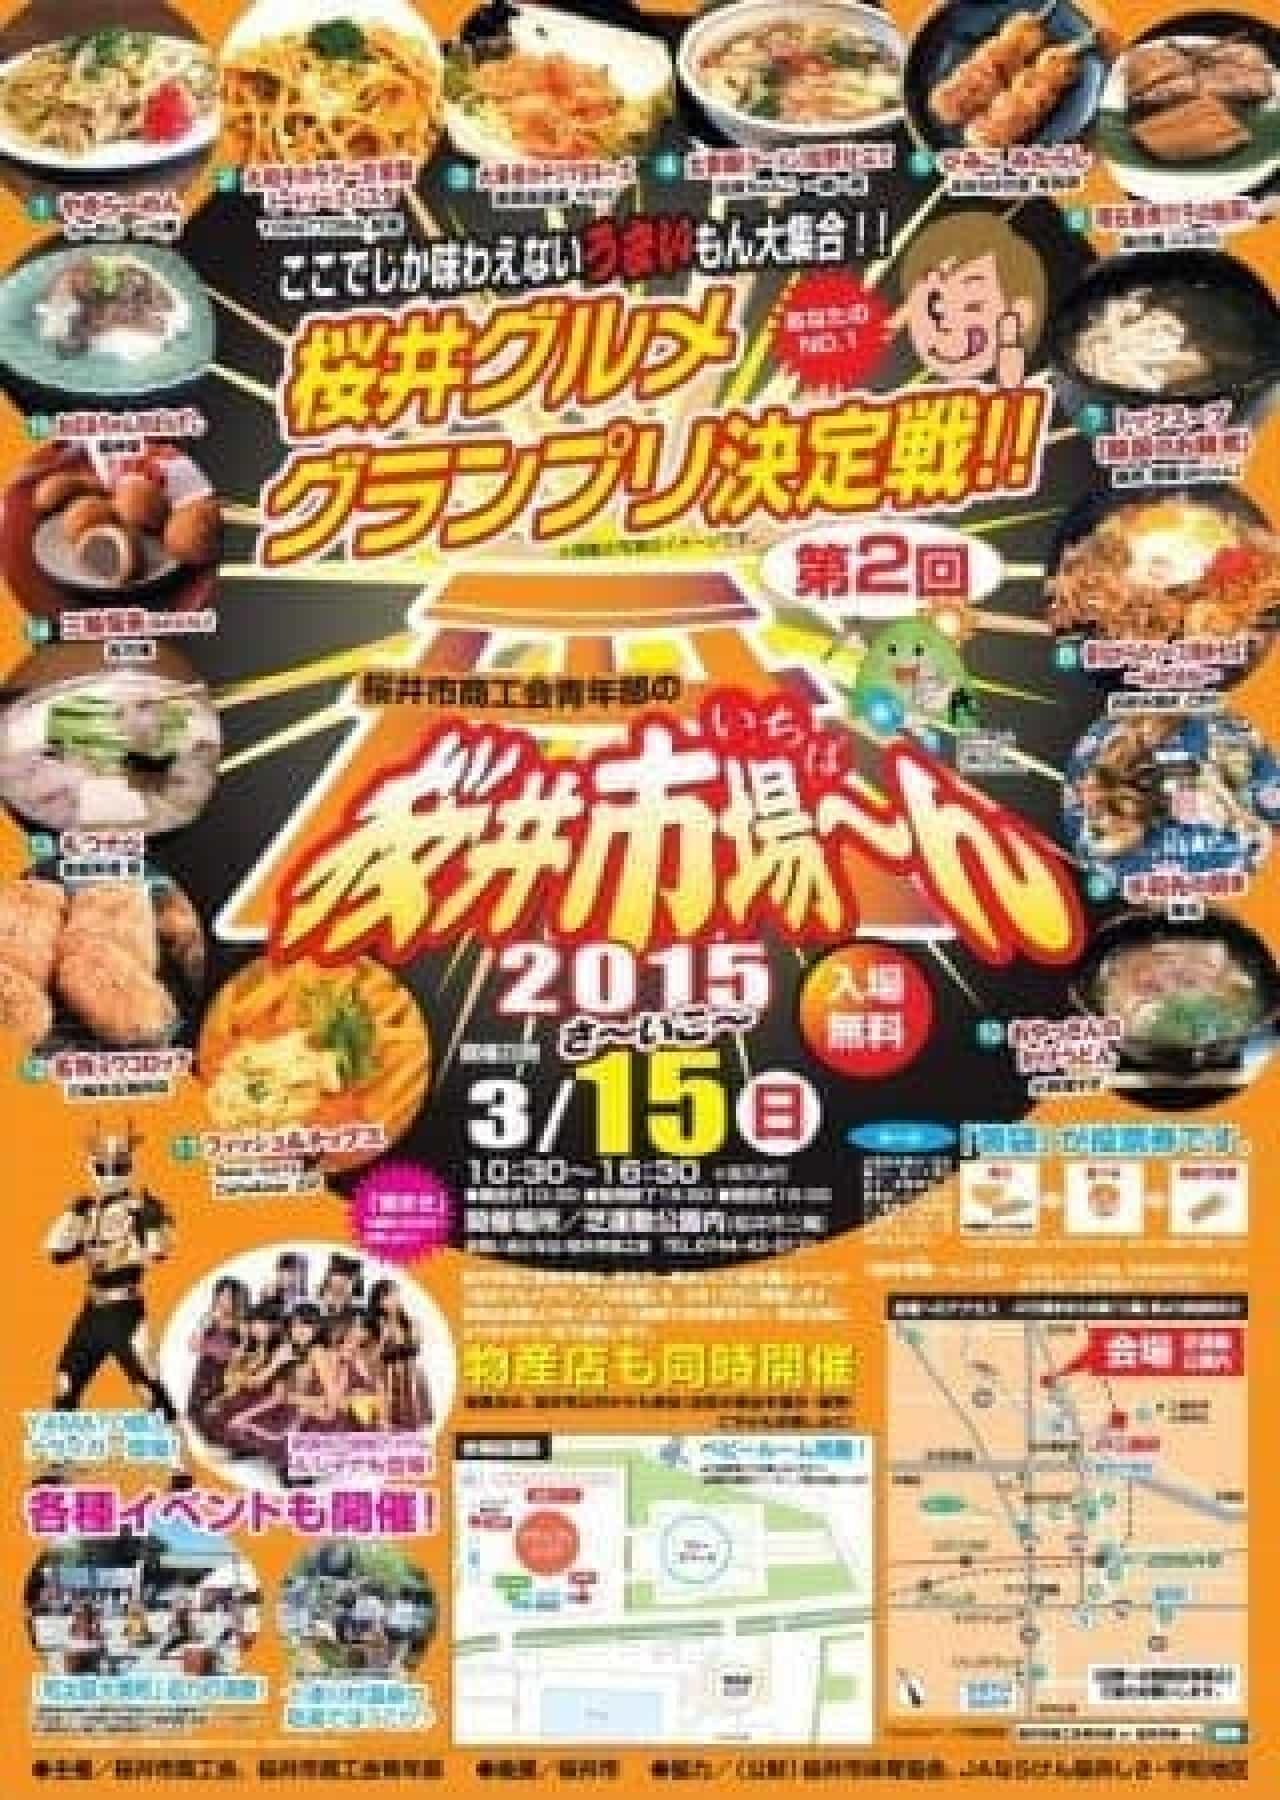 「三輪素麺」の桜井市でグルメイベント開催!